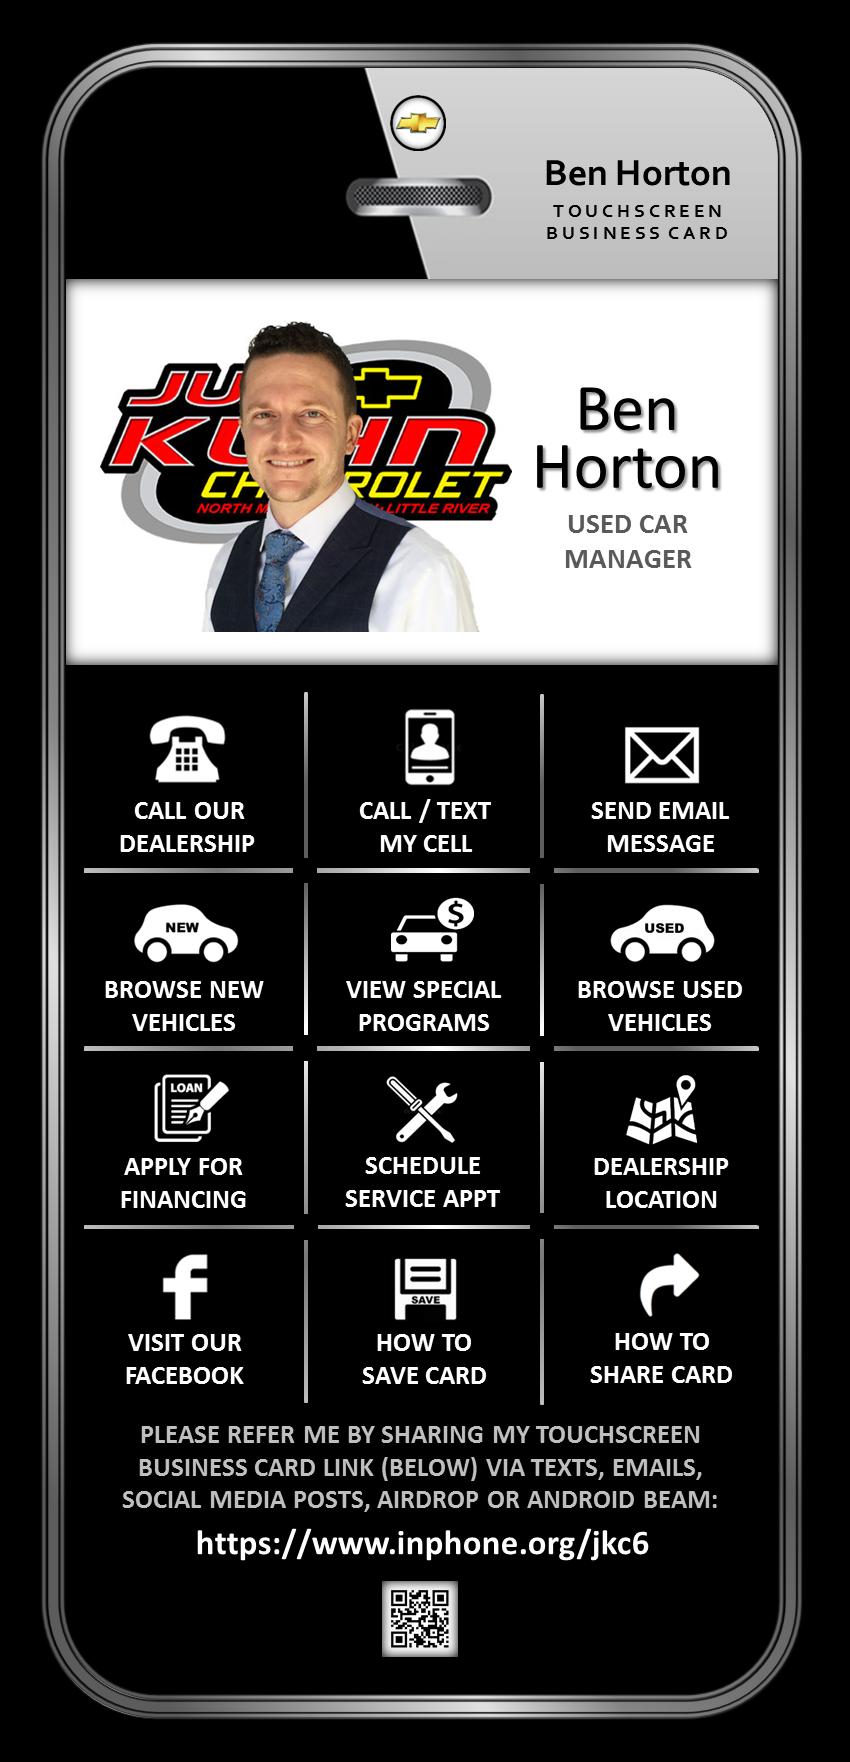 jud kuhn1 - Ben Horton.png